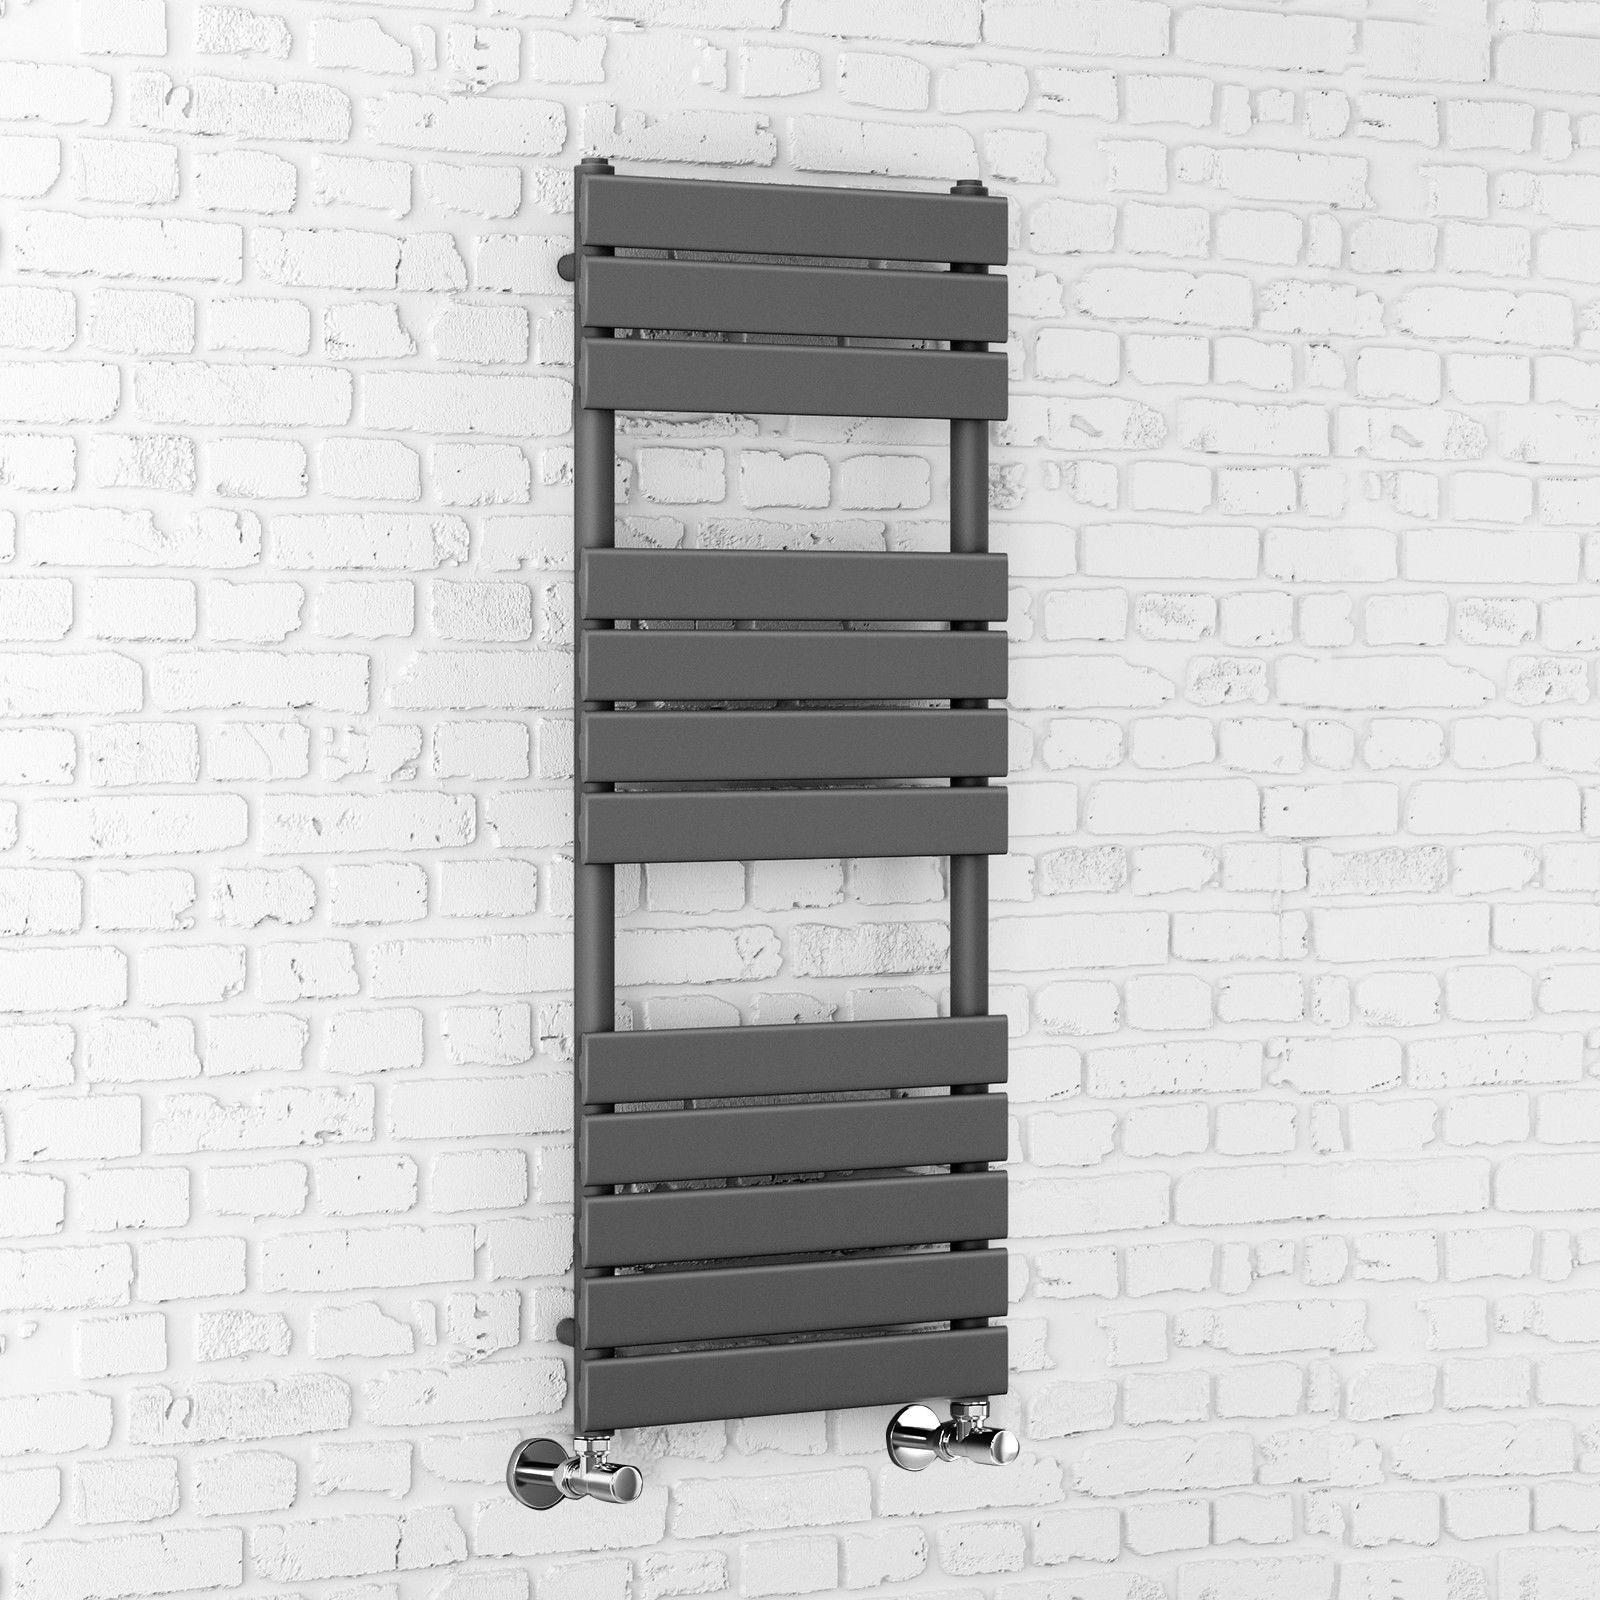 Anthracite Flat Panel Bathroom Heated Towel Rail